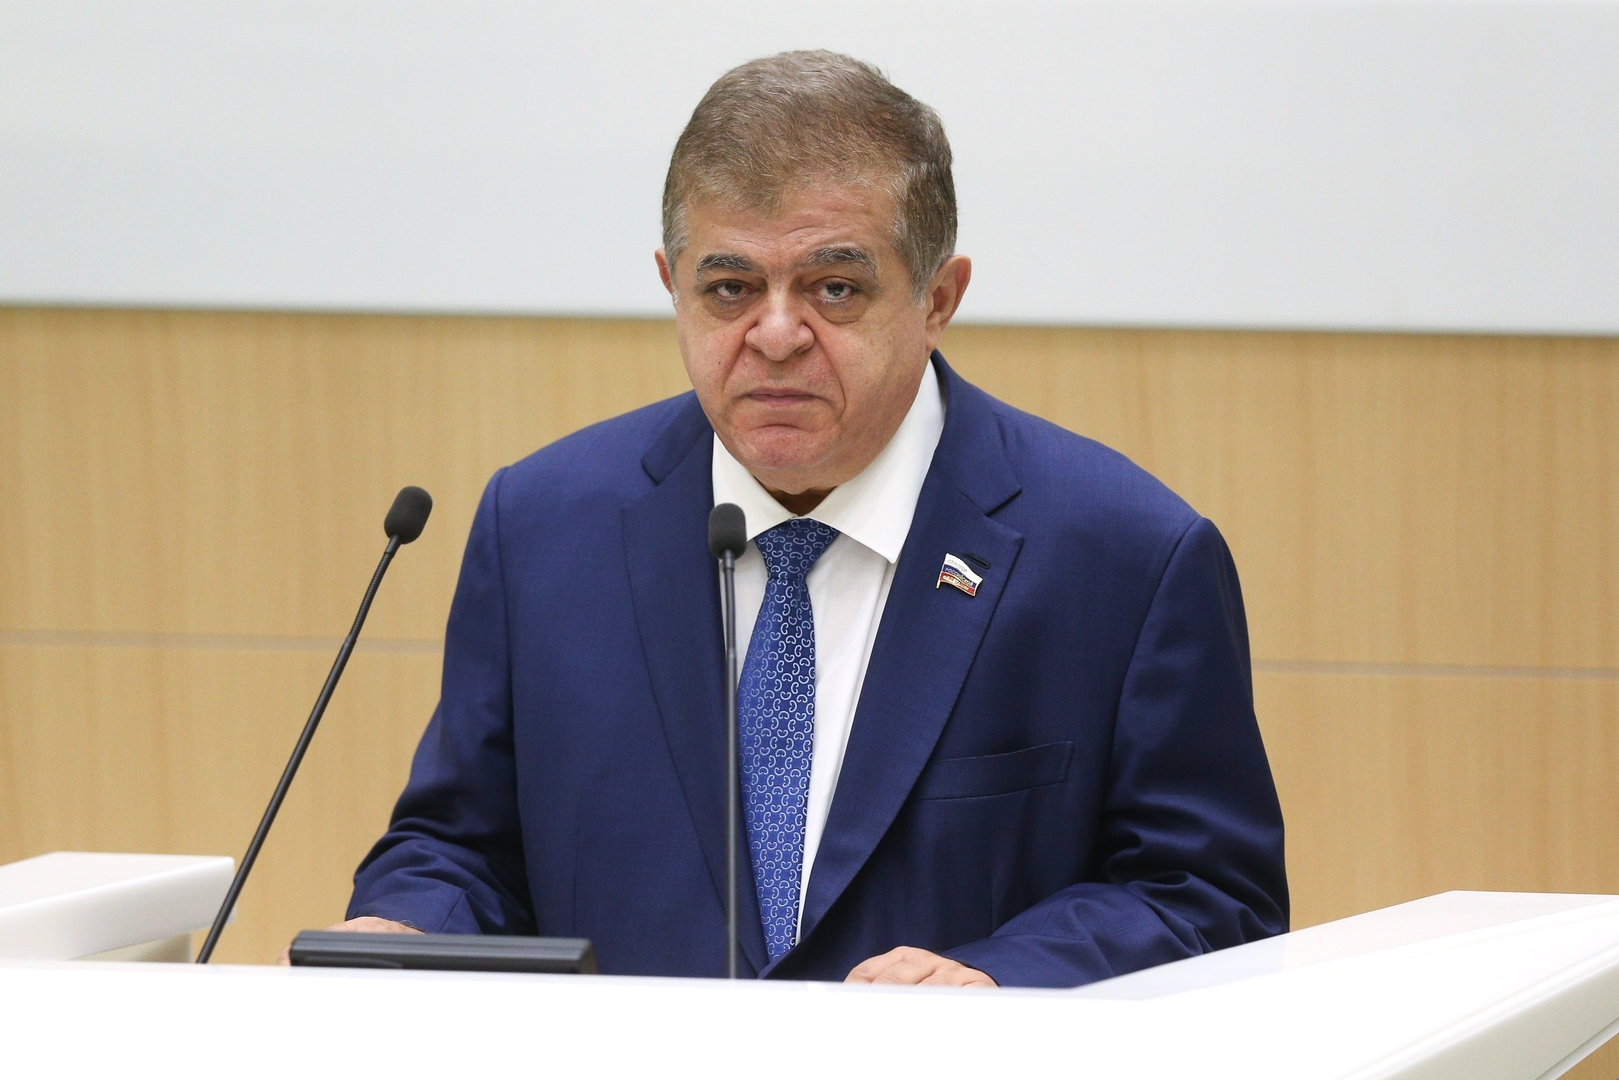 النائب الأول لرئيس اللجنة الدولية بمجلس الاتحاد الروسي فلاديمير جباروف